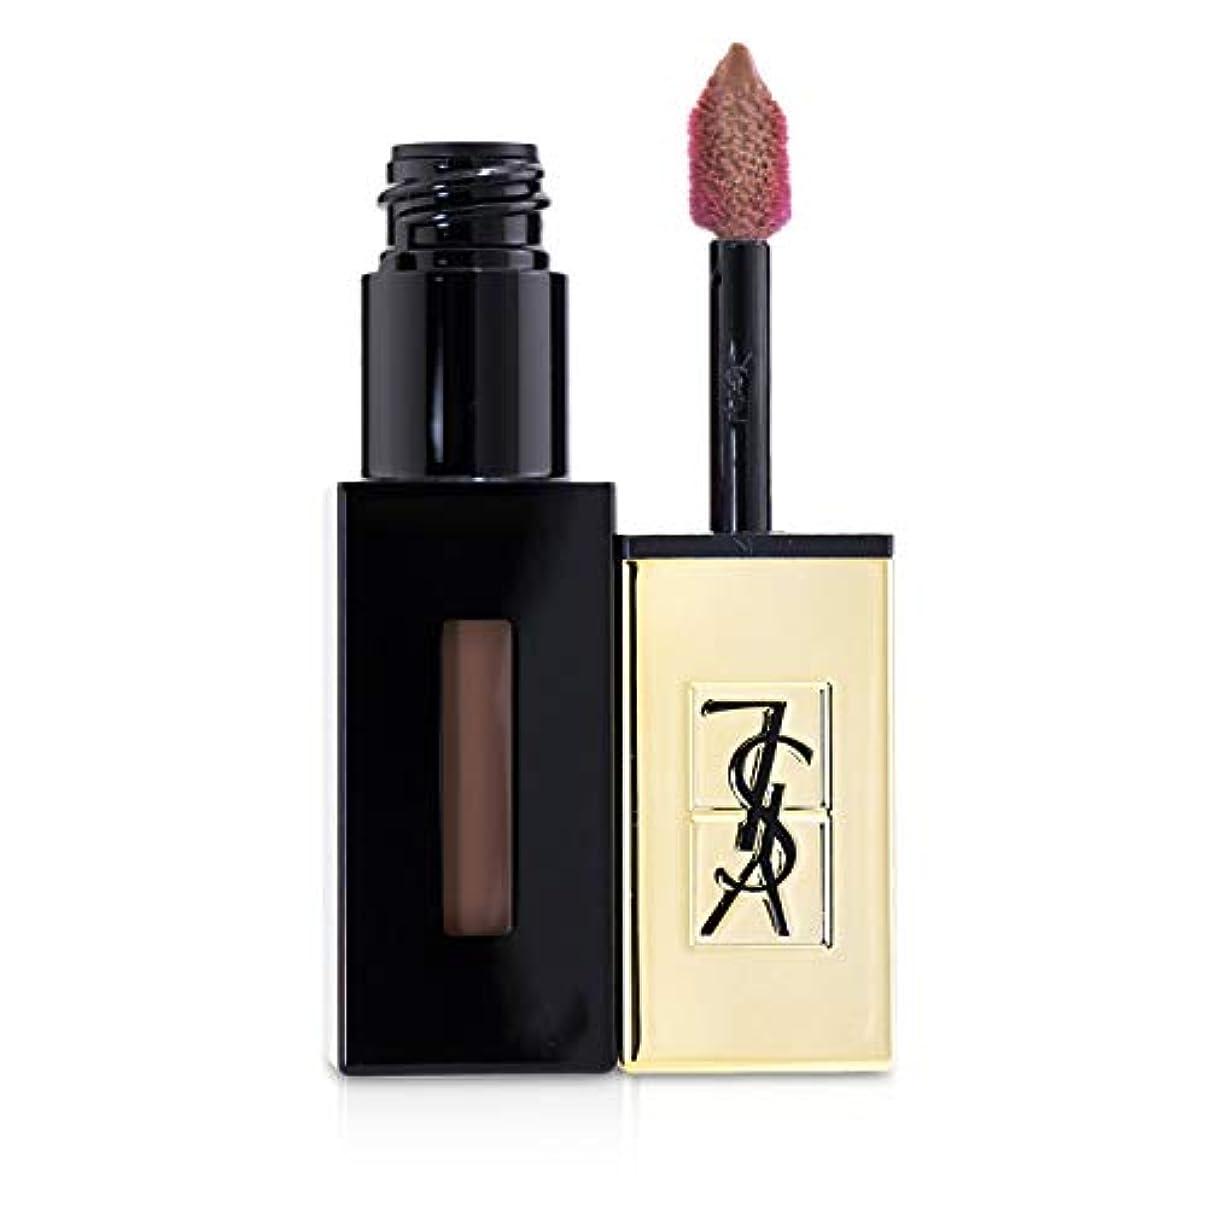 デクリメント戦艦回答イヴ?サンローラン Rouge Pur Couture Vernis a Levres Glossy Stain - # 55 Beige Estampe 6ml/0.2oz並行輸入品